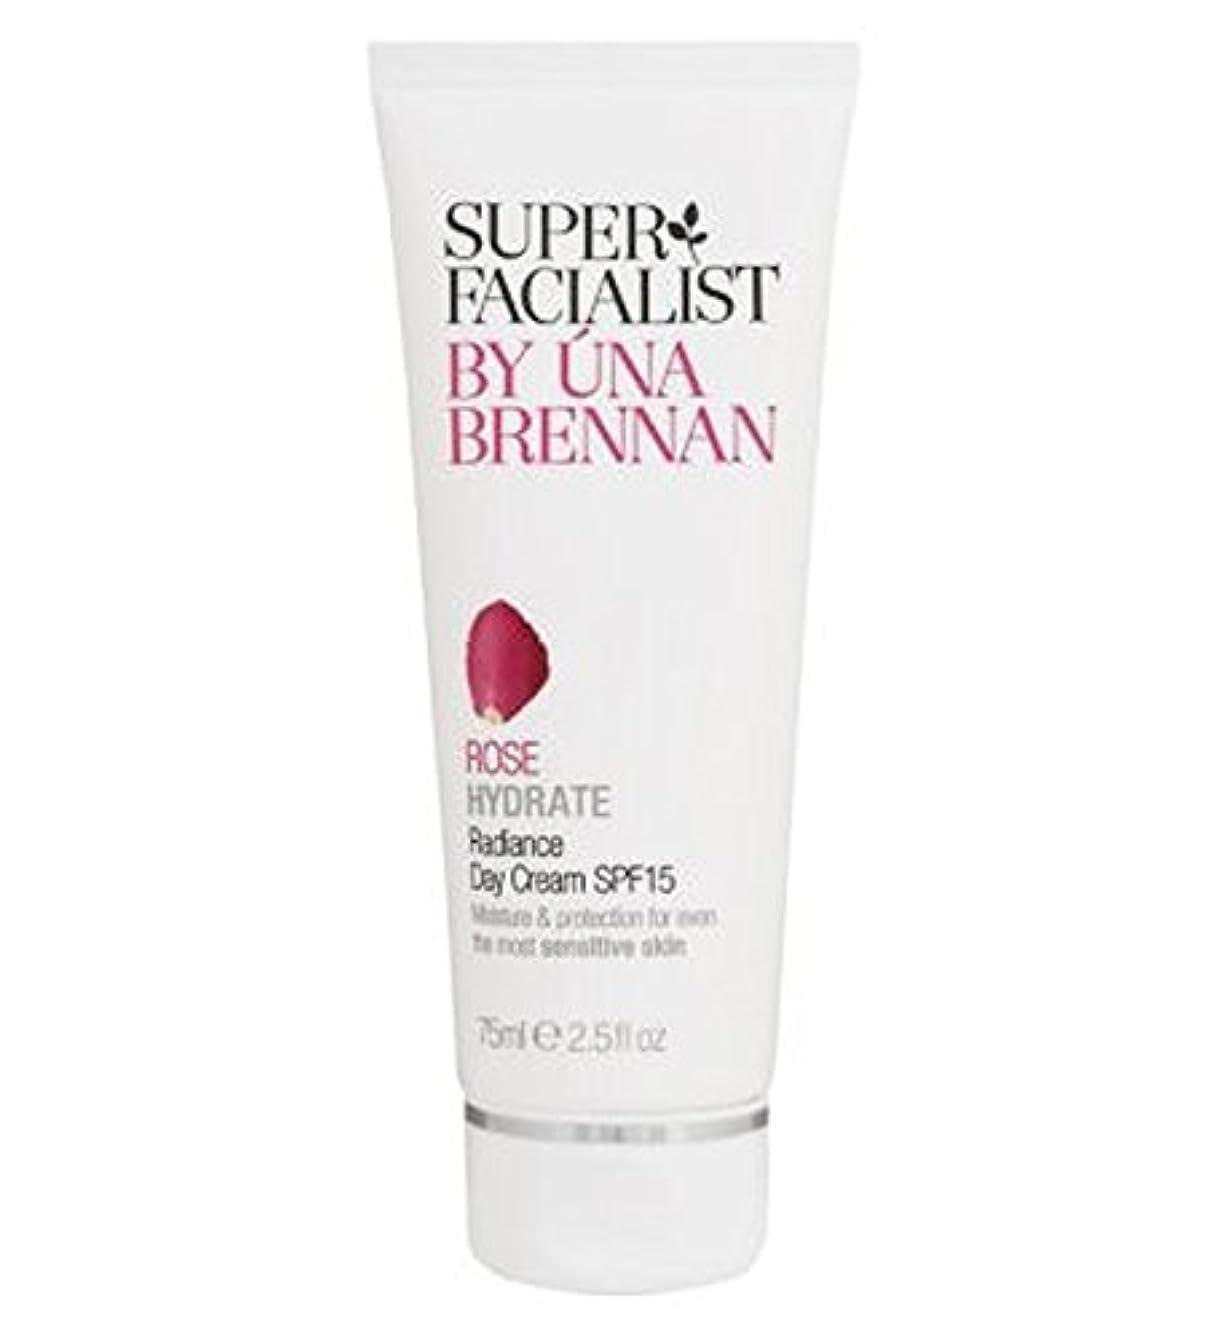 耐えられる値未満Superfacialist Rose Hydrate Radiance Day Cream SPF15 75ml - Superfacialistは水和物放射輝度デイクリームSpf15の75ミリリットルをバラ (Superfacialist) [並行輸入品]